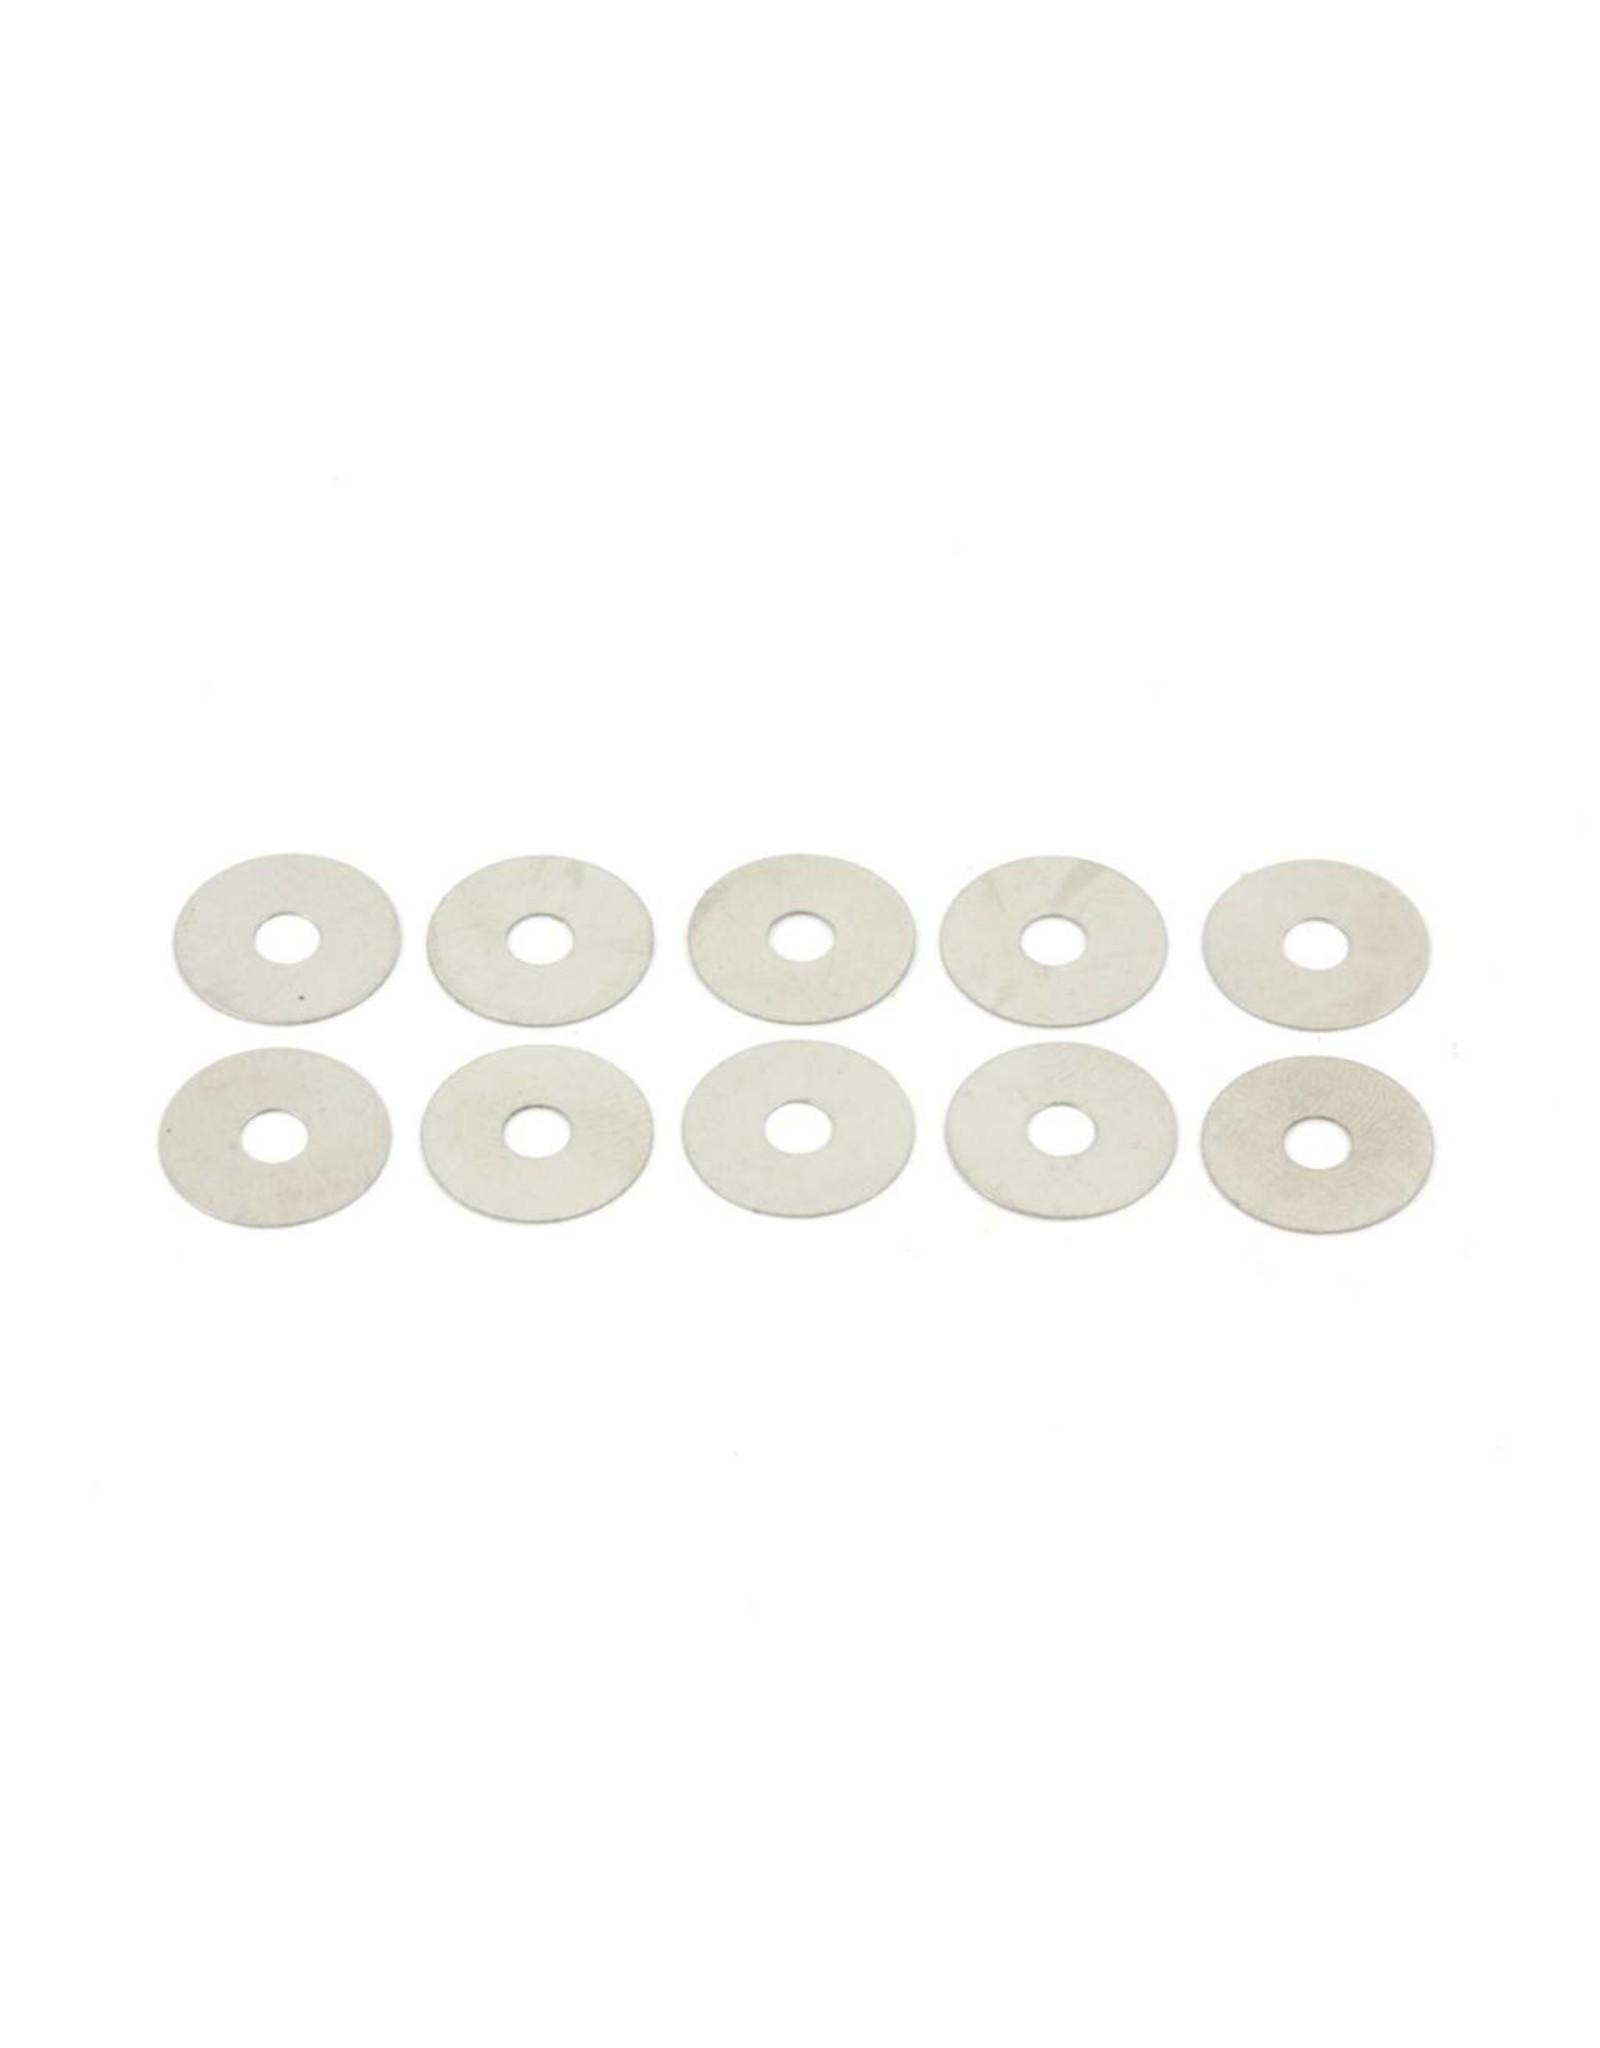 Arrma ARRMA Washer 3.5x12x0.15mm (10)  (AR709024)